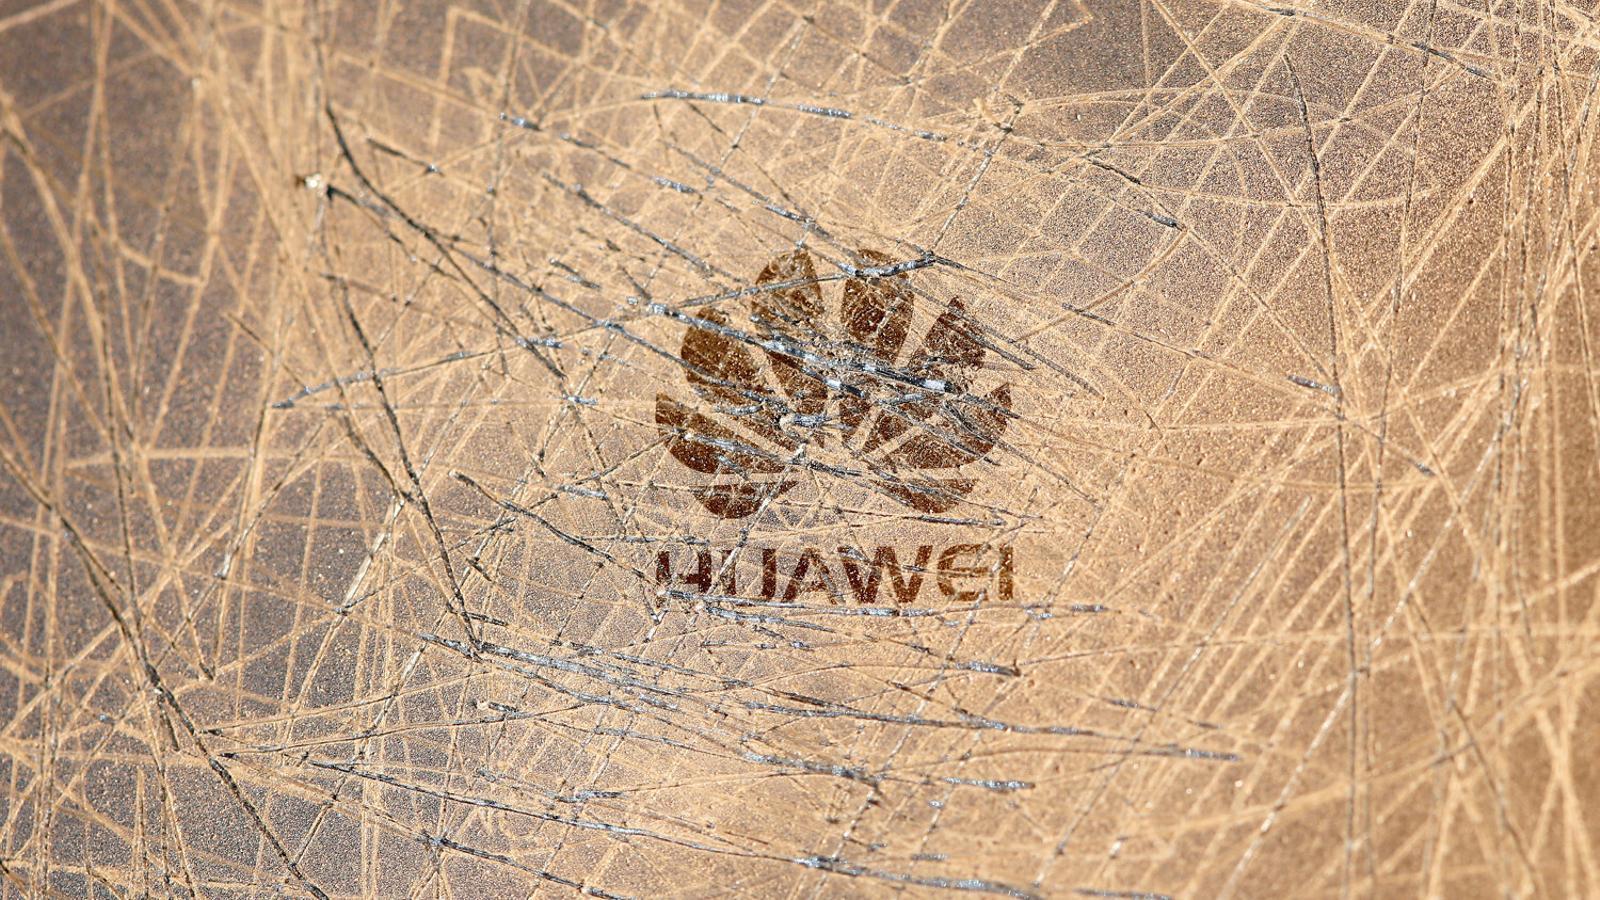 Caixa ratllada de Huawei, companyia que els Estats Units semblen disposats a enfonsar.